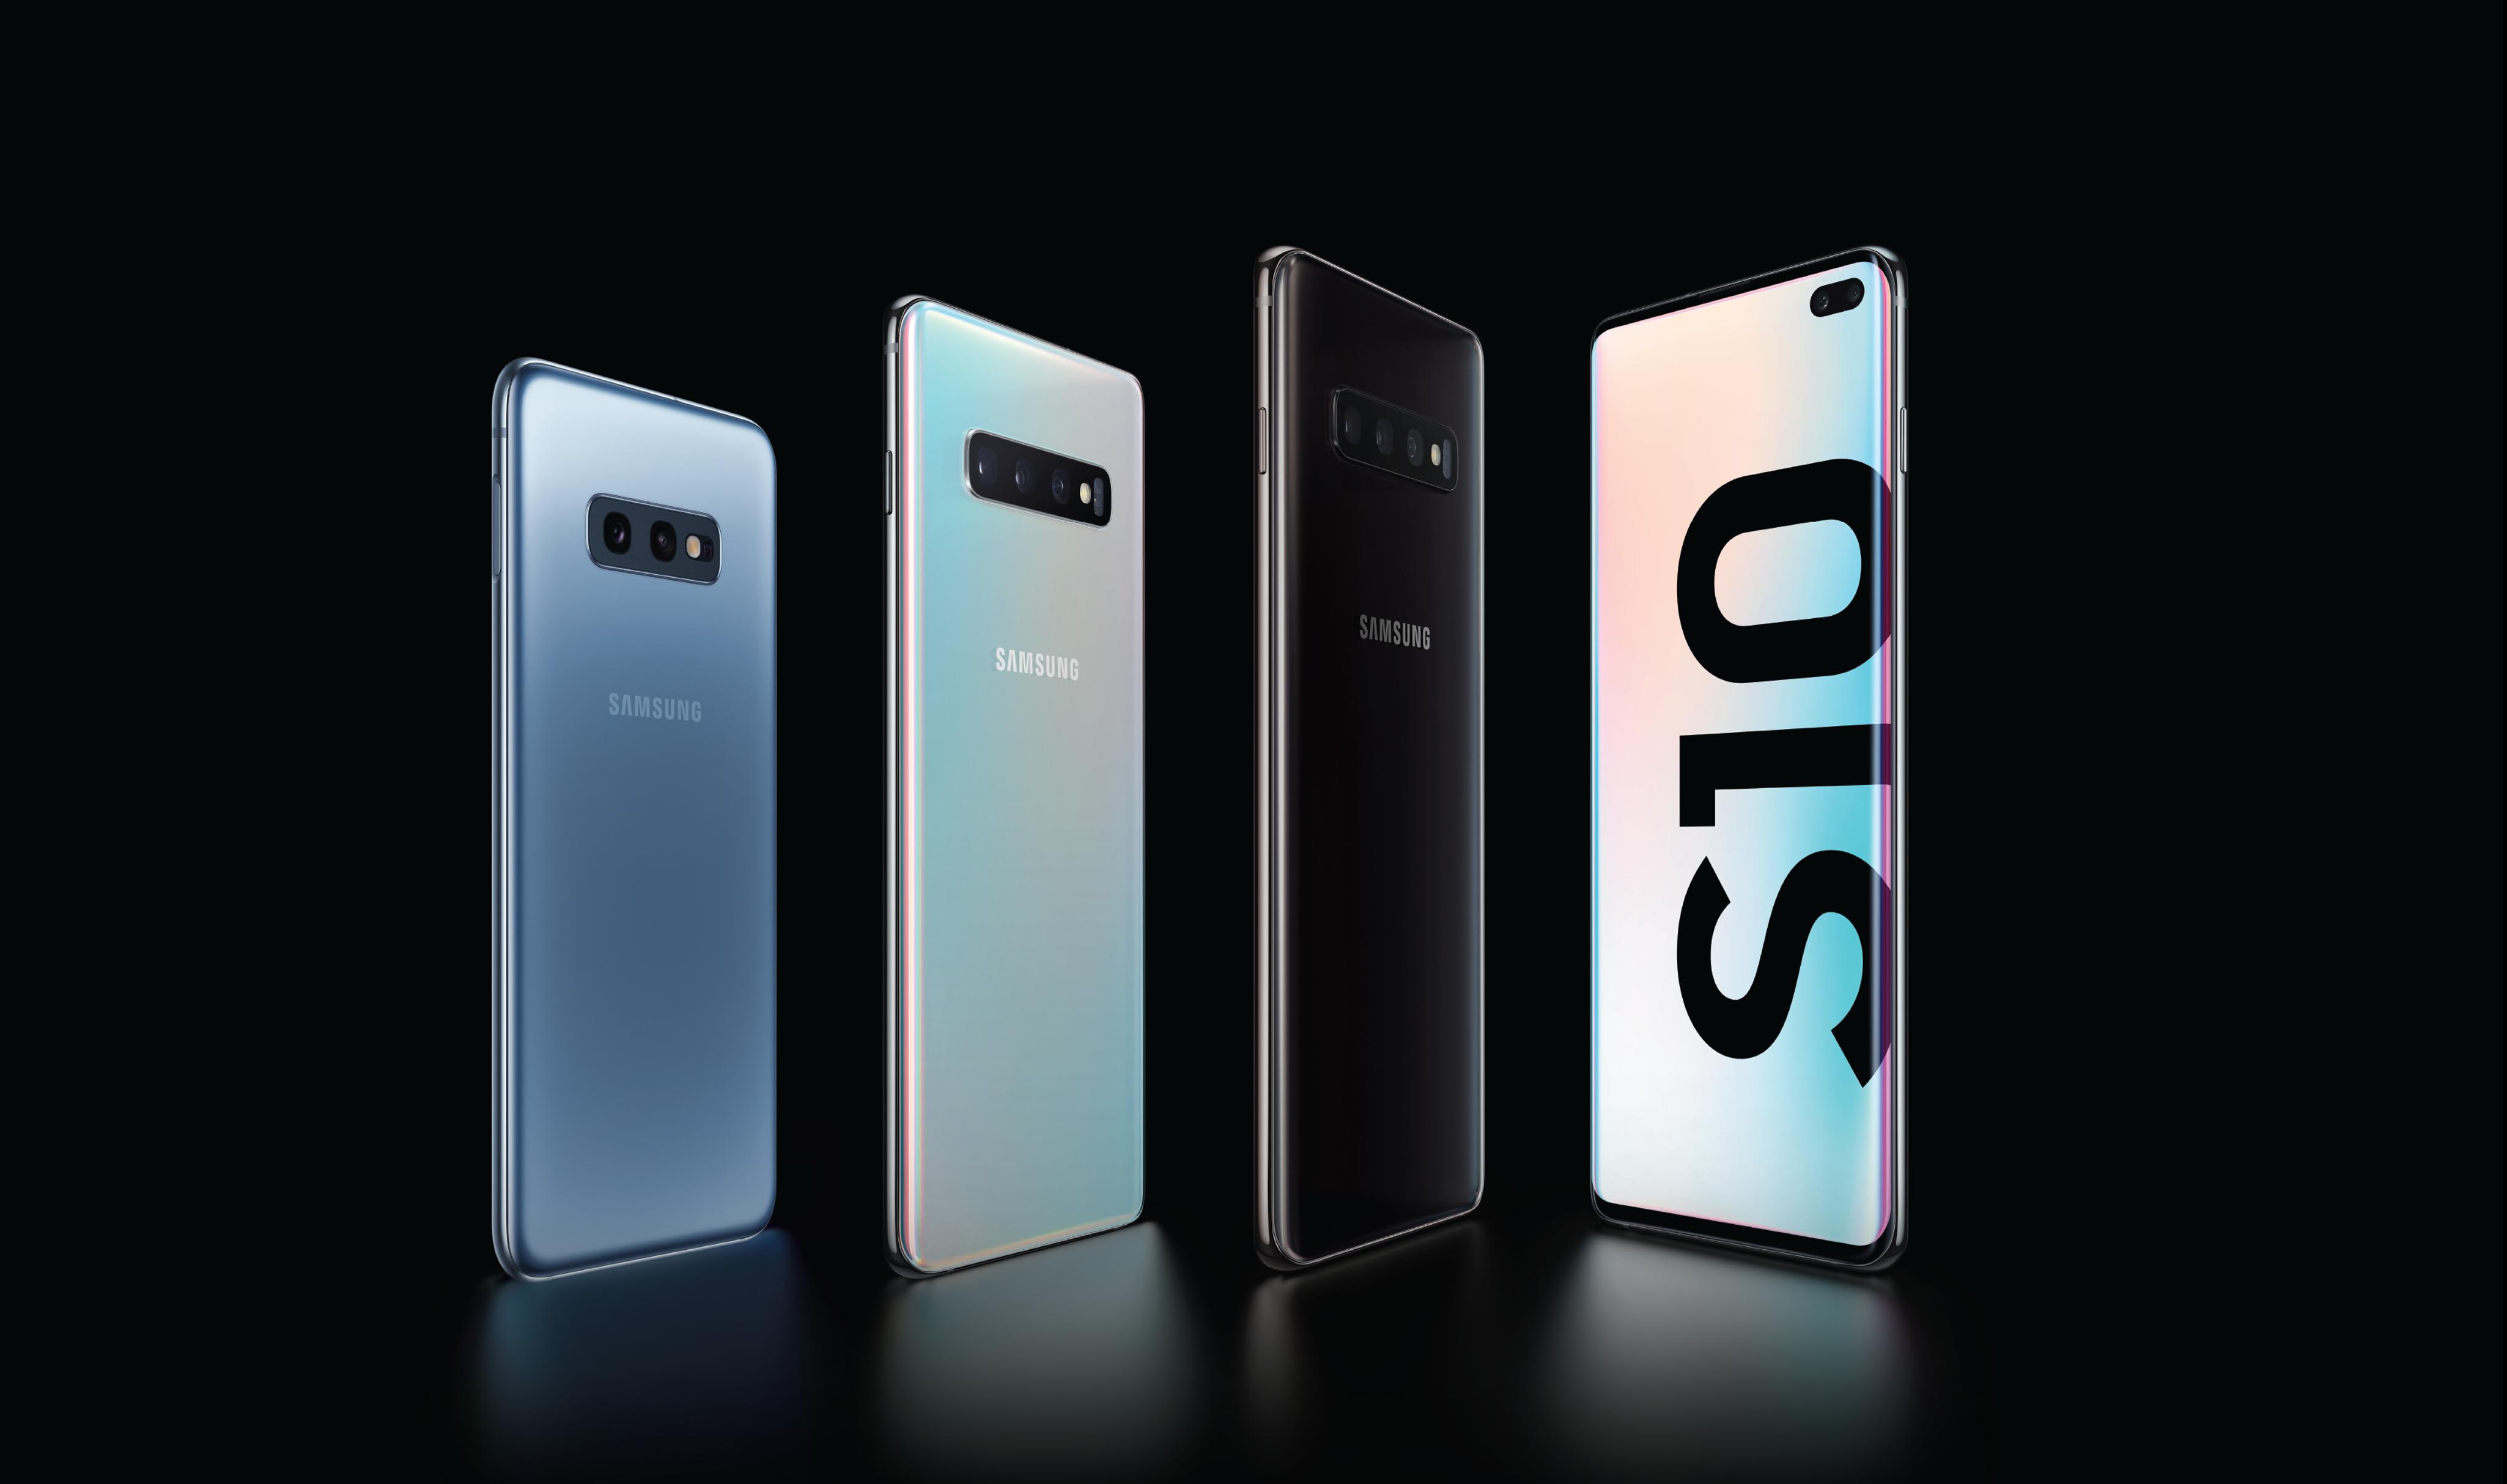 44c8e5deb5e Desde el 26 de abril hasta el 9 de mayo los Galaxy S10 estarán disponibles  para preventa con exclusivas promociones y financiación sin interés.